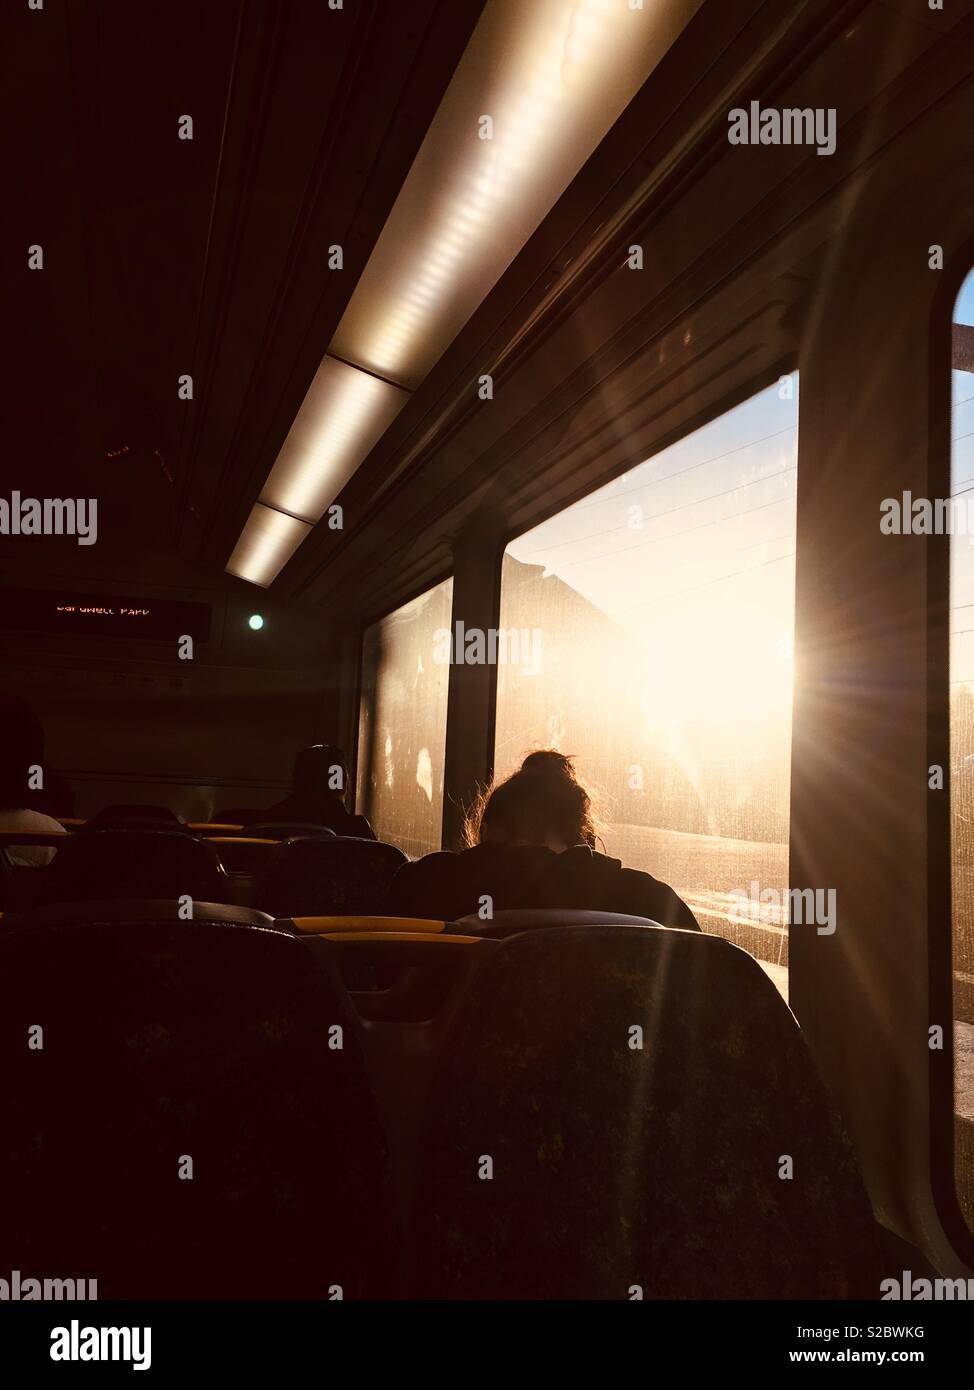 La luce solare attraverso la finestra Immagini Stock